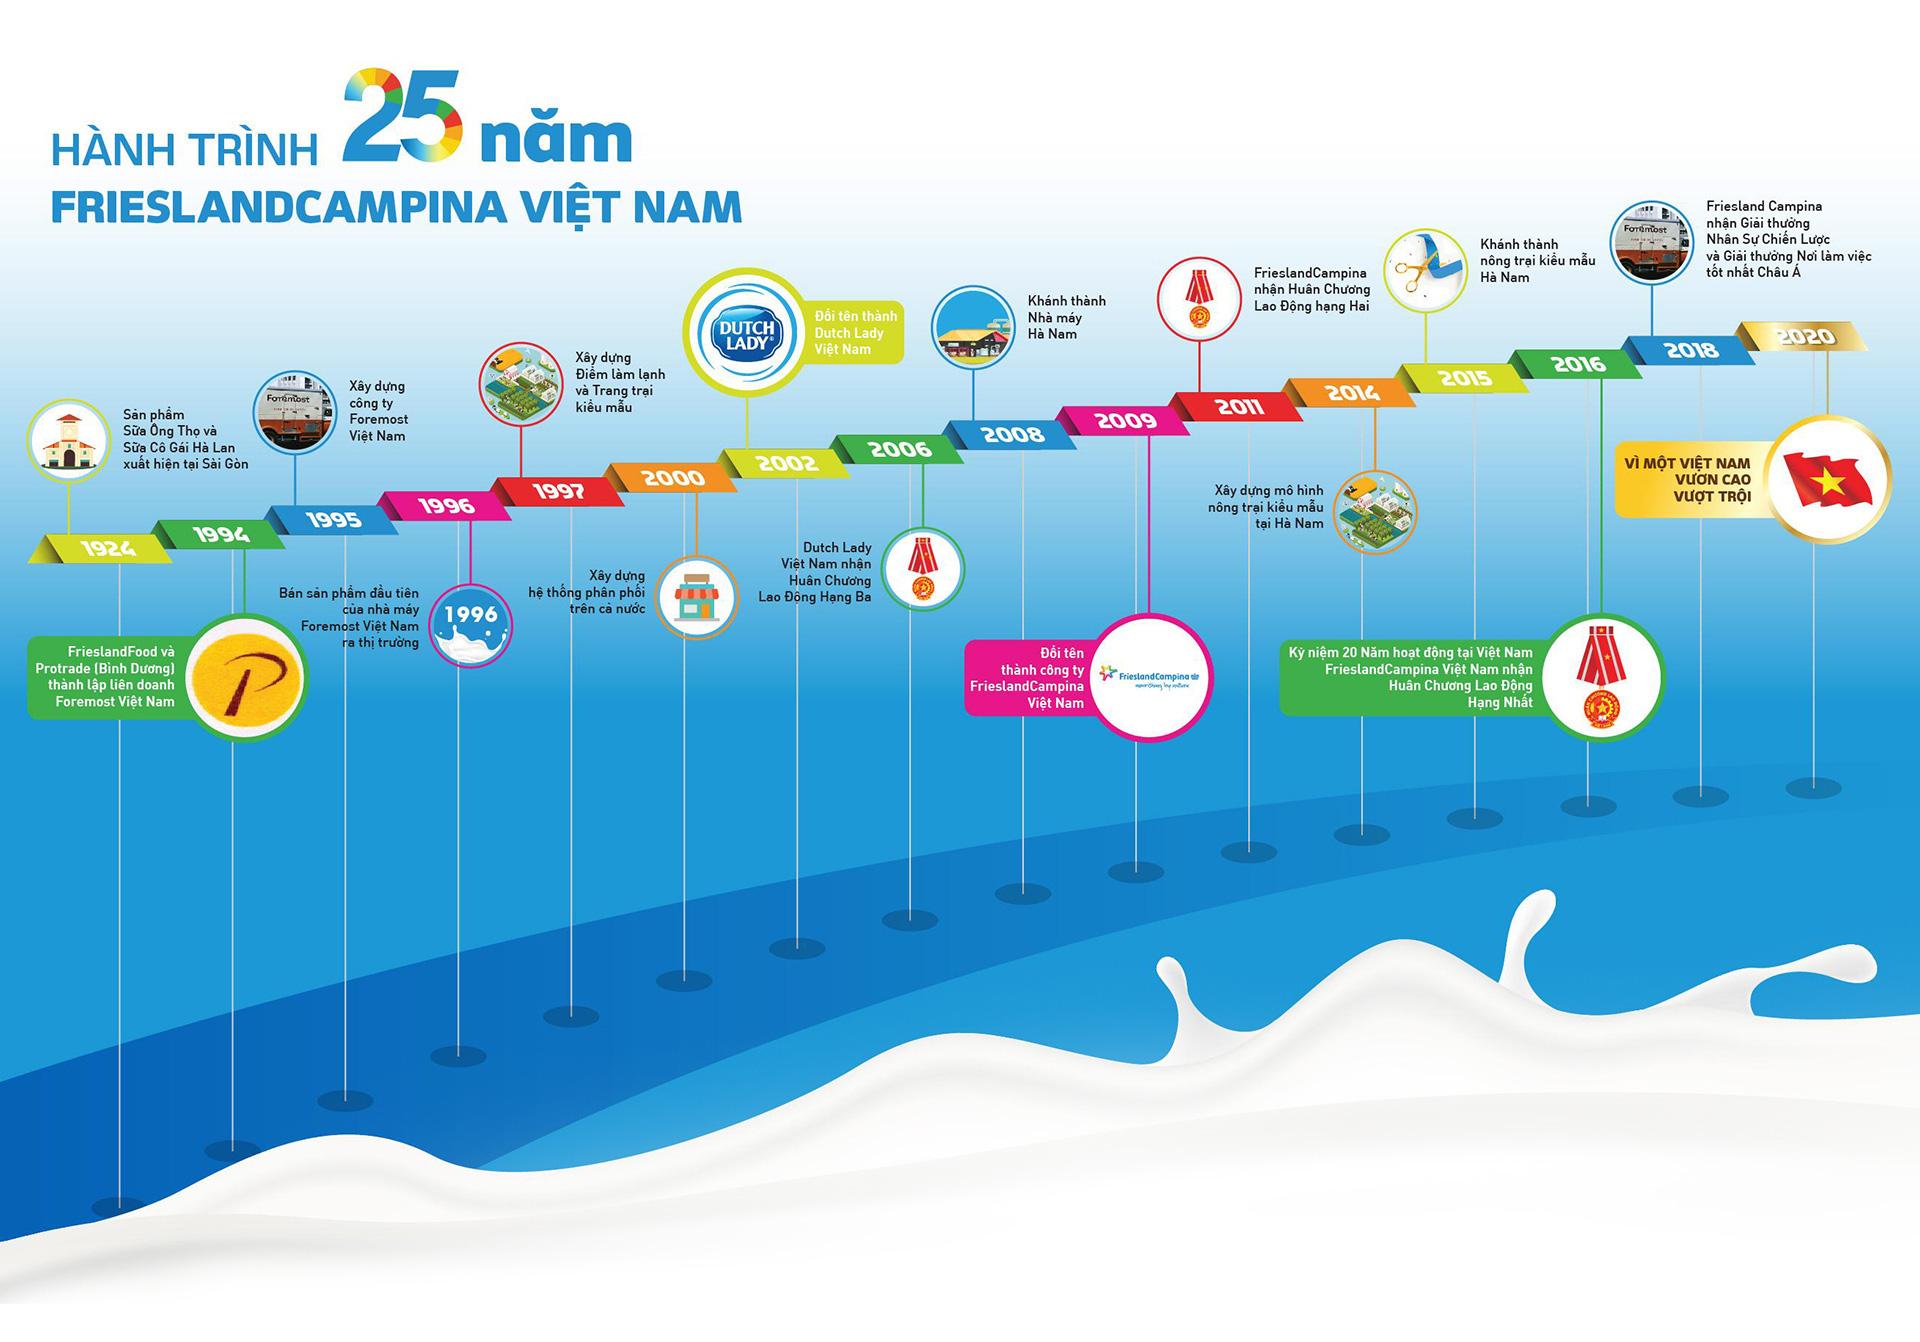 FCV: FrieslandCampina VN - từ học bổng Đèn Đom Đóm đến hành trình vì một VN vươn cao, vượt trội - Ảnh 14.